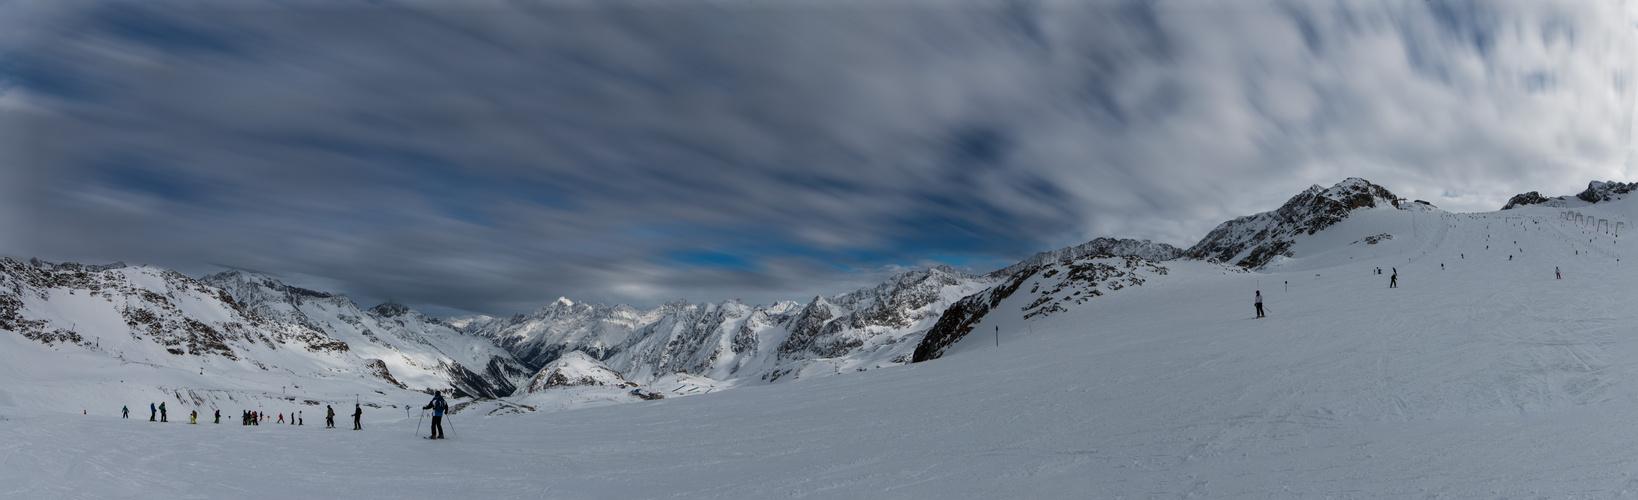 Auf dem Stuabier Gletscher 03